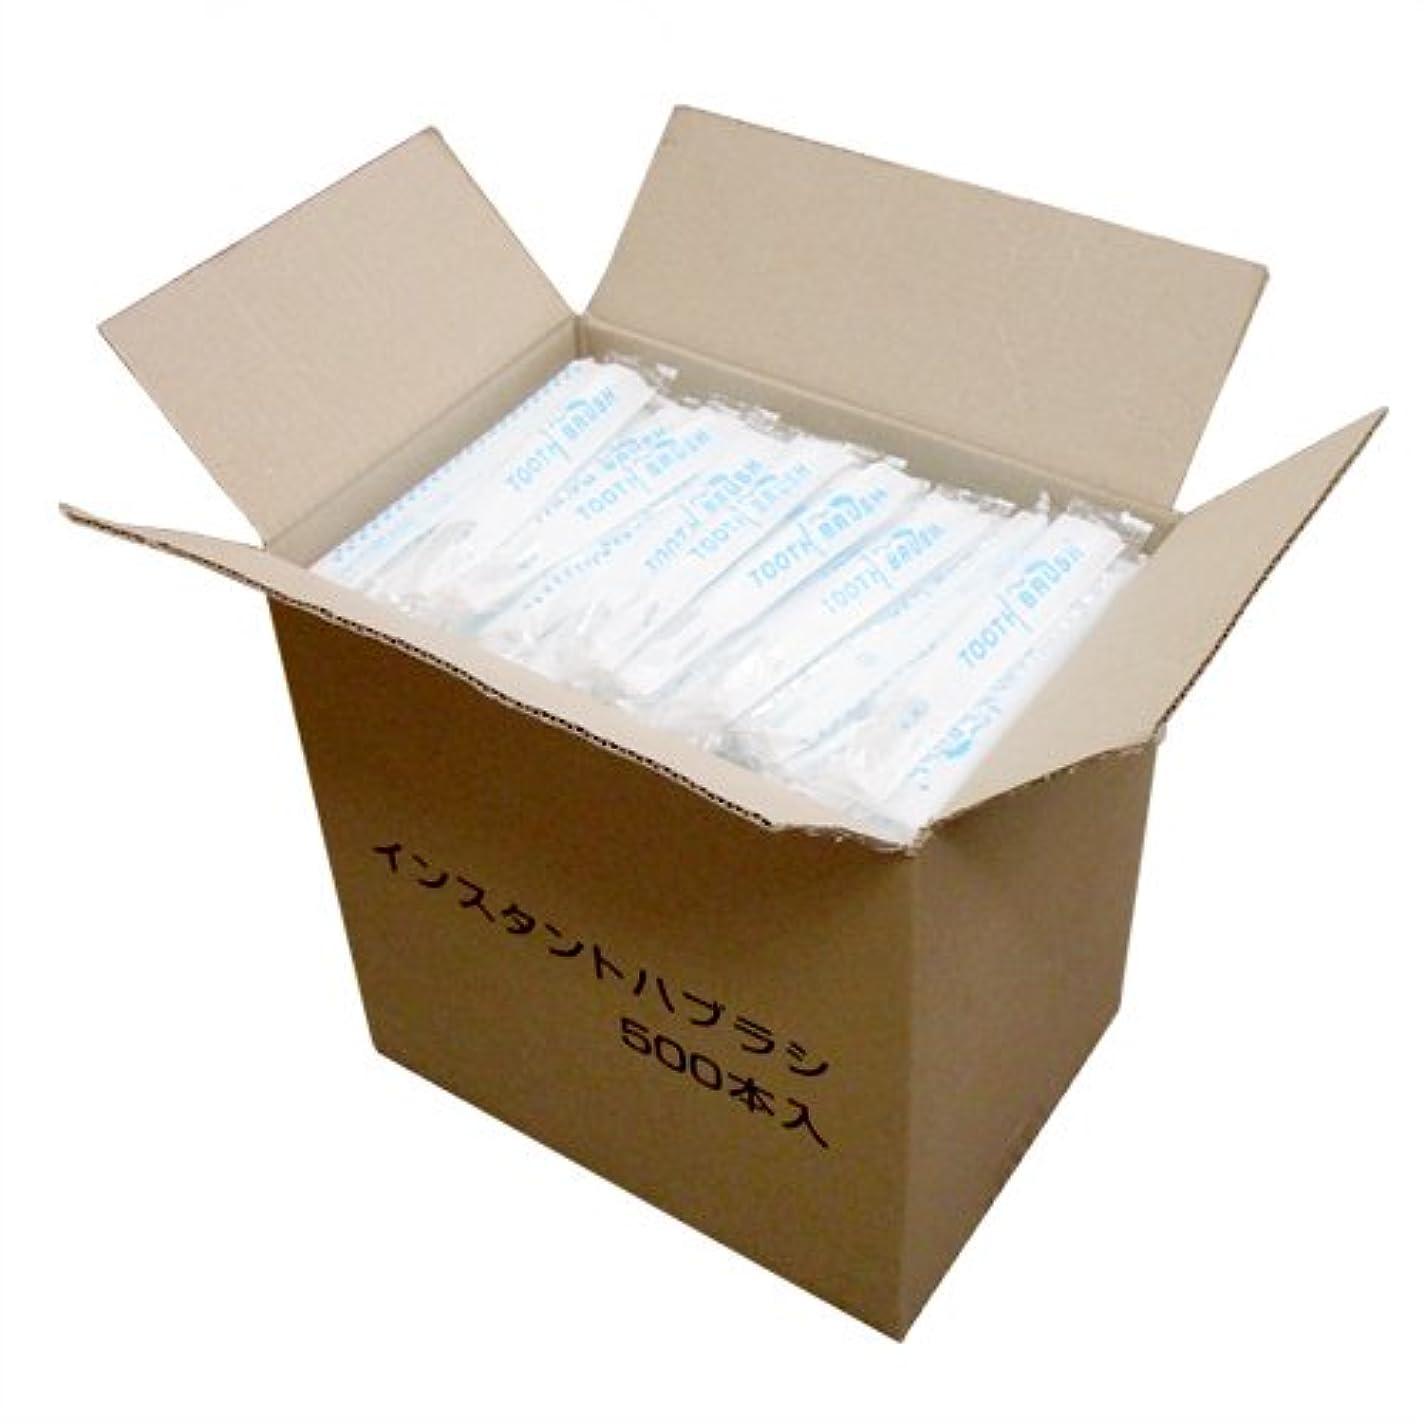 ご予約攻撃的誘導業務用 日本製 使い捨て粉付き歯ブラシ 個包装タイプ 500本入×1箱│ホテルアメニティ